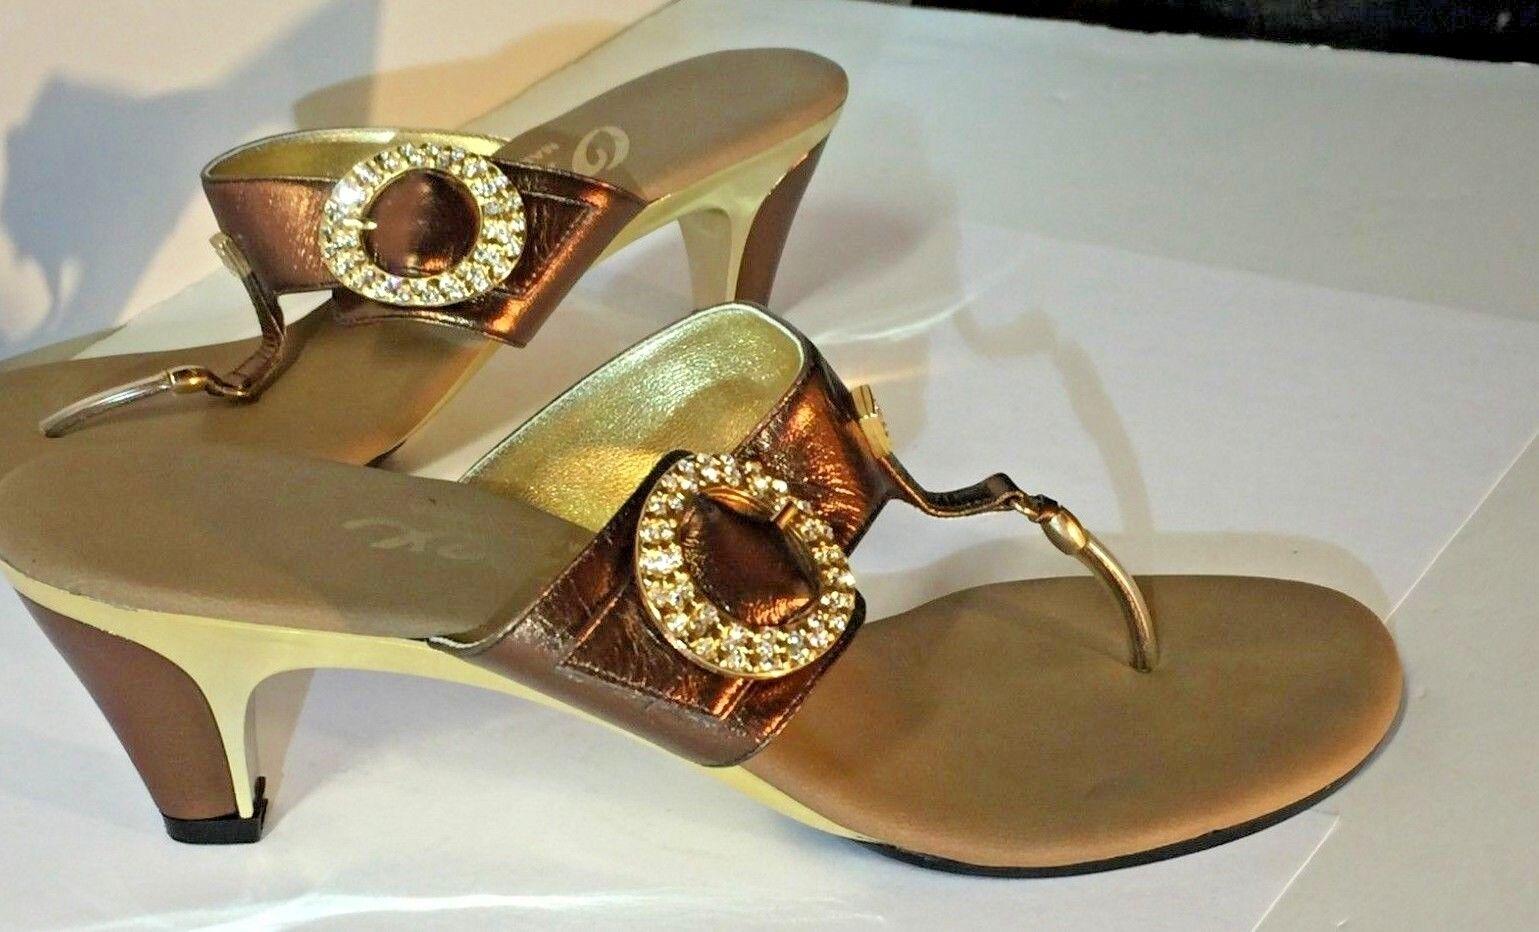 ampia selezione Onex Metallic Bronze Bronze Bronze Leather Heel Sandals Made In USA Dimensione 8  protezione post-vendita